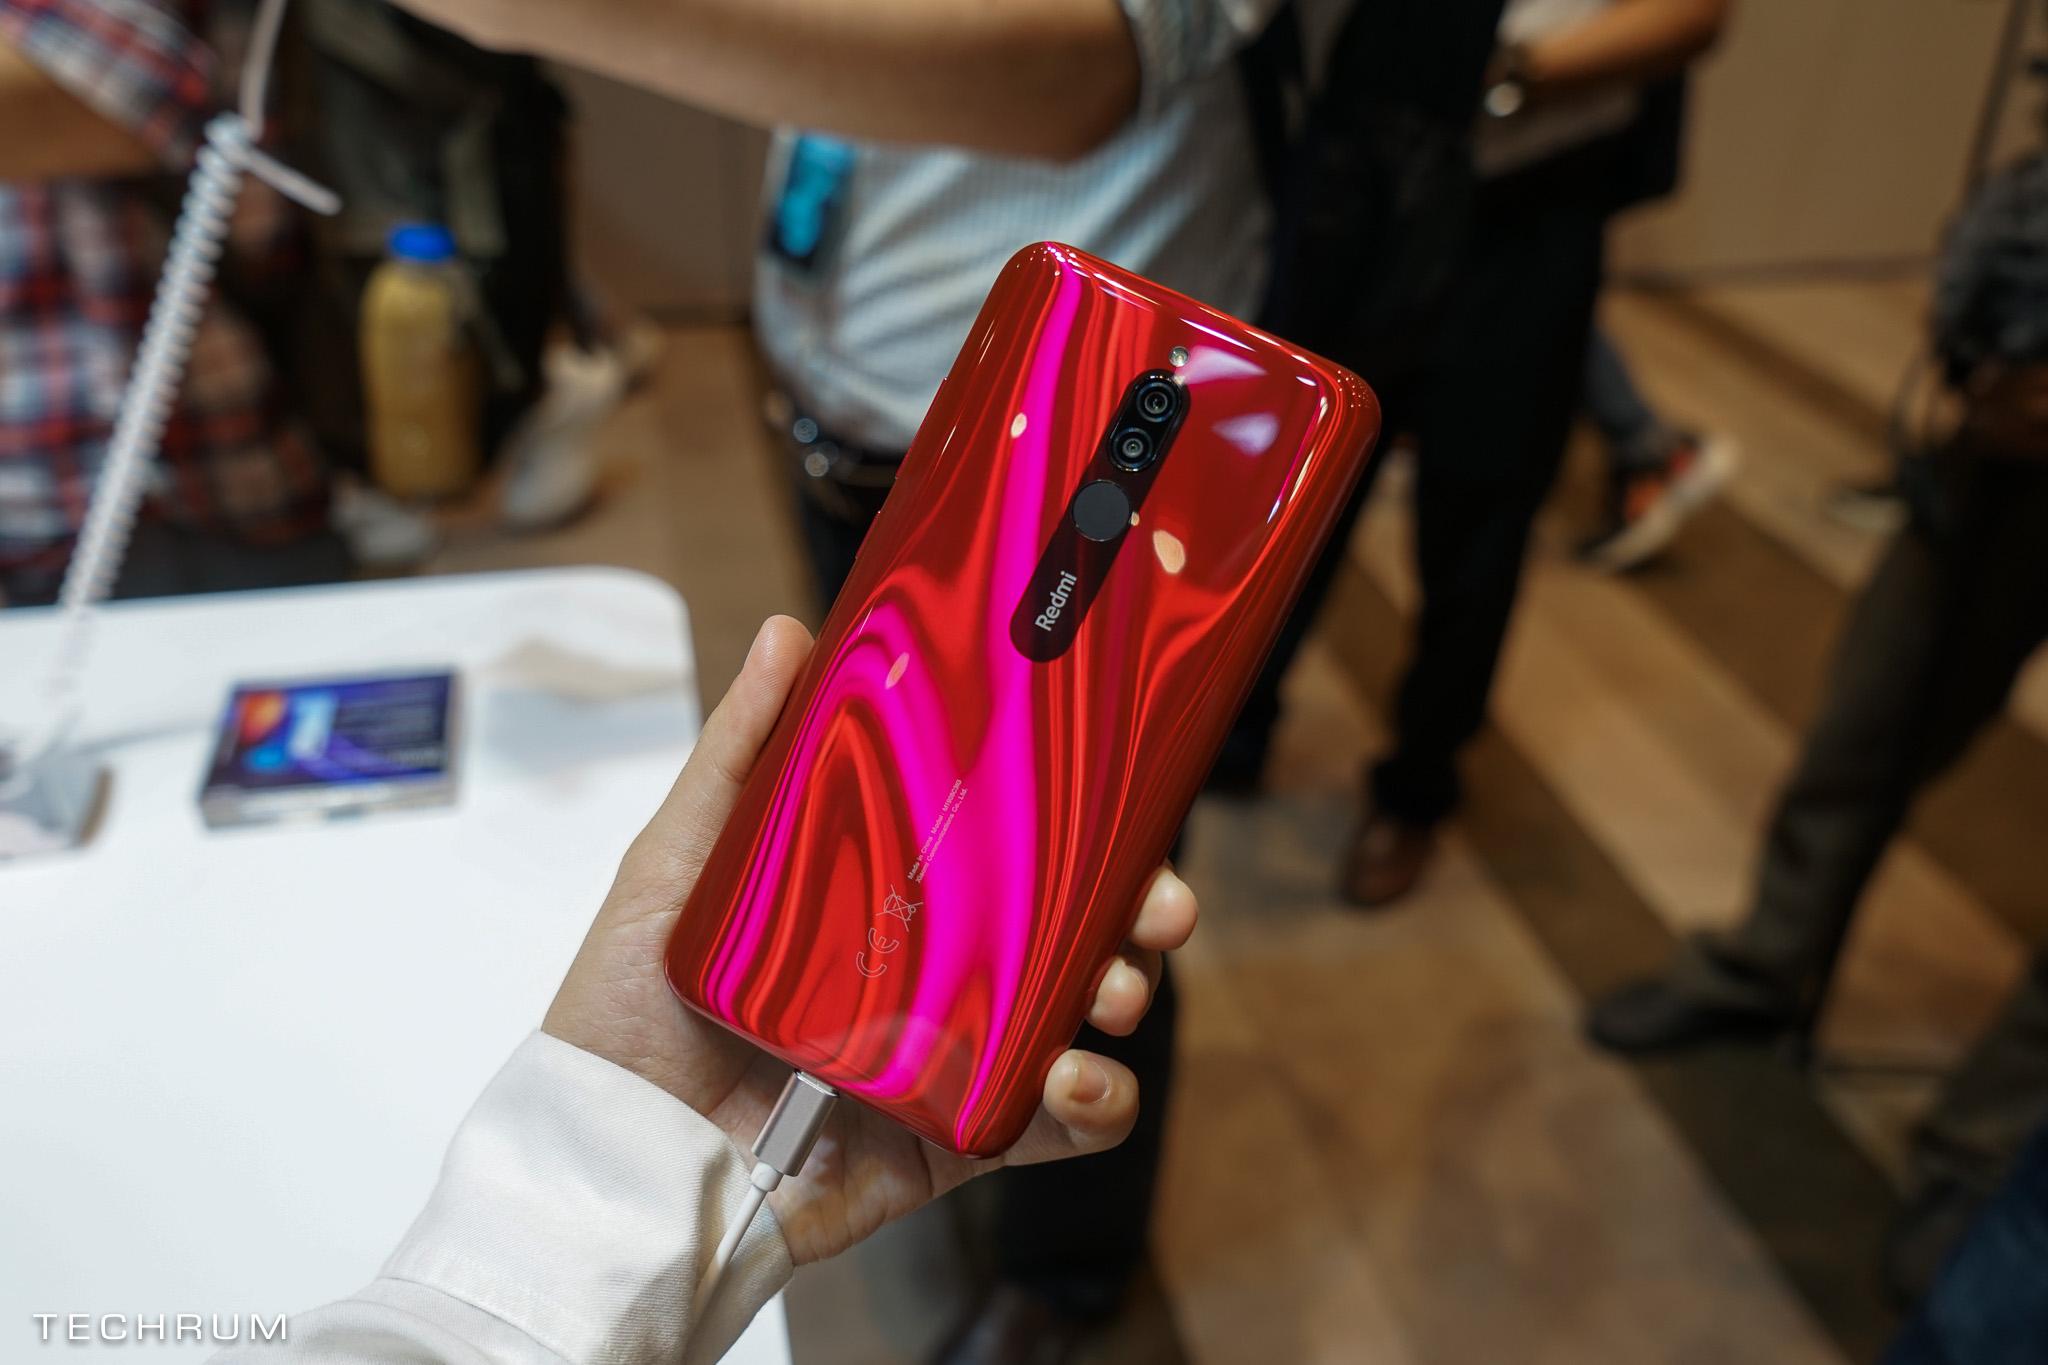 Xiaomi chính thức trình làng Redmi Note 8 với cụm 4 camera sau, pin 5000mAh hỗ trợ sạc nhanh 18W, giá từ 3.990.000đ